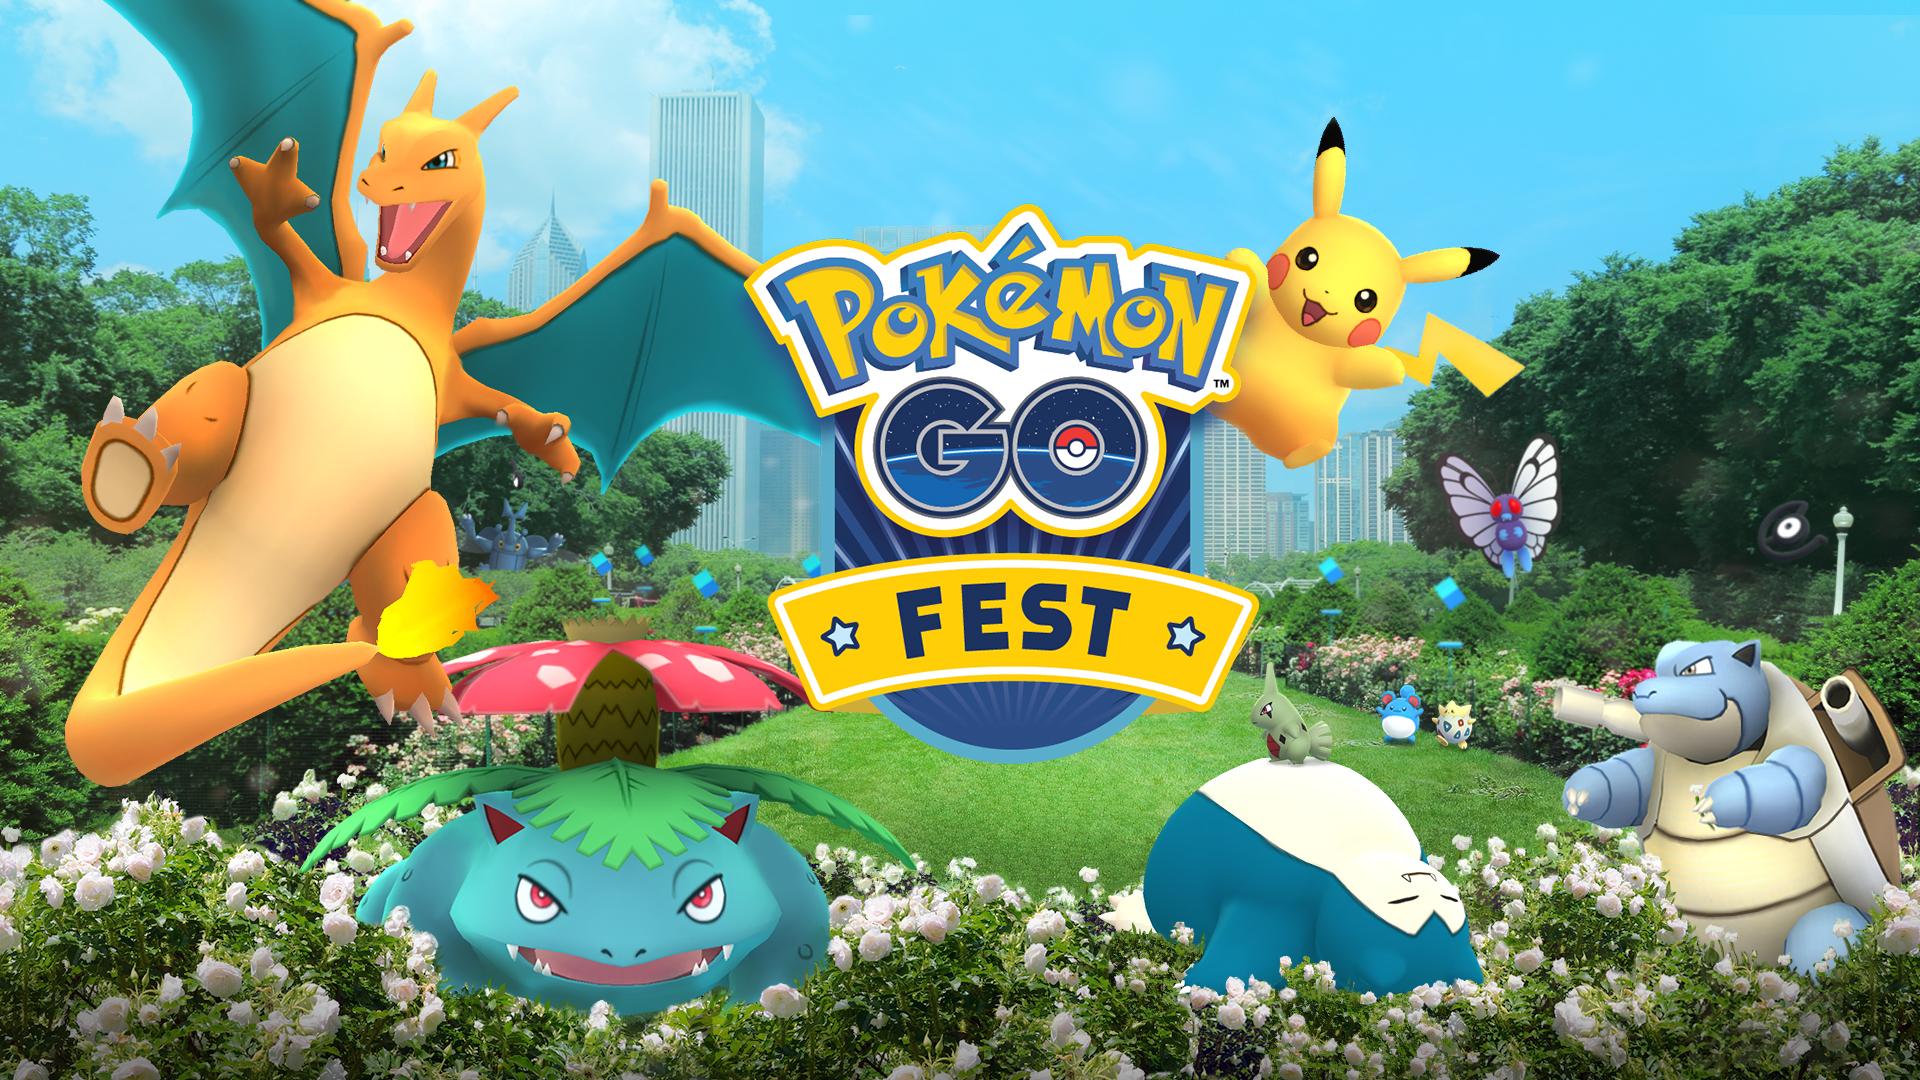 pokémon go』、世界累計ダウンロード数が7億5千万回を突破 リリース1